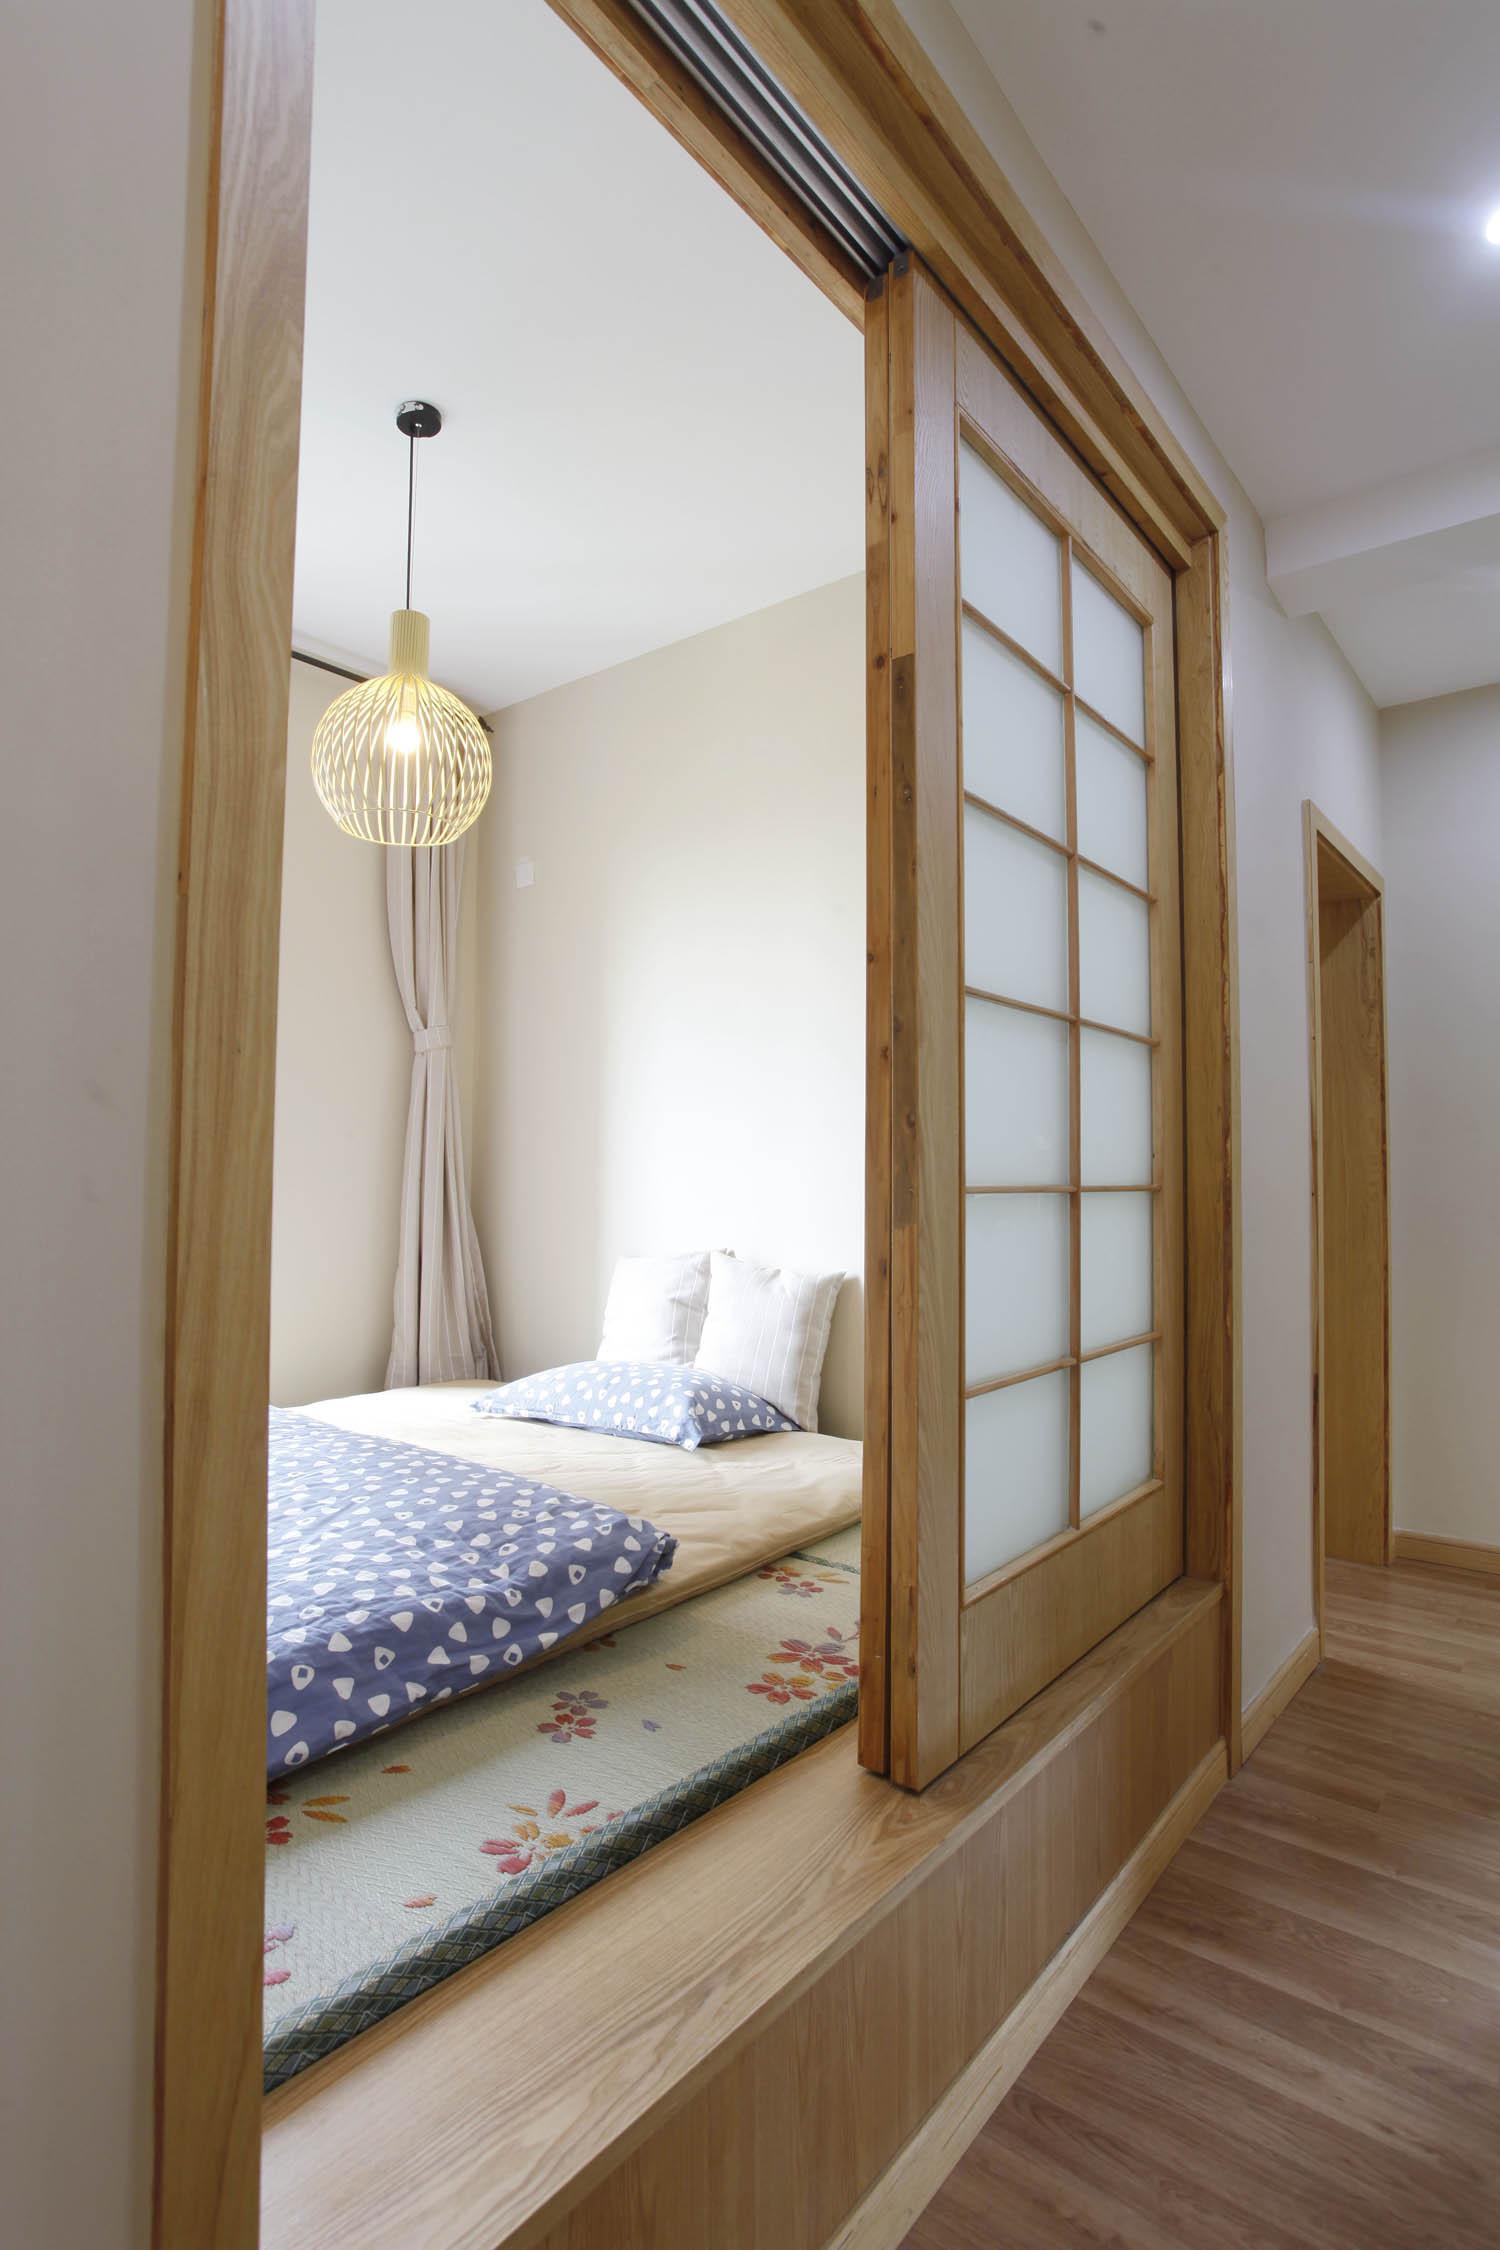 卧室隔断榻榻米设计图